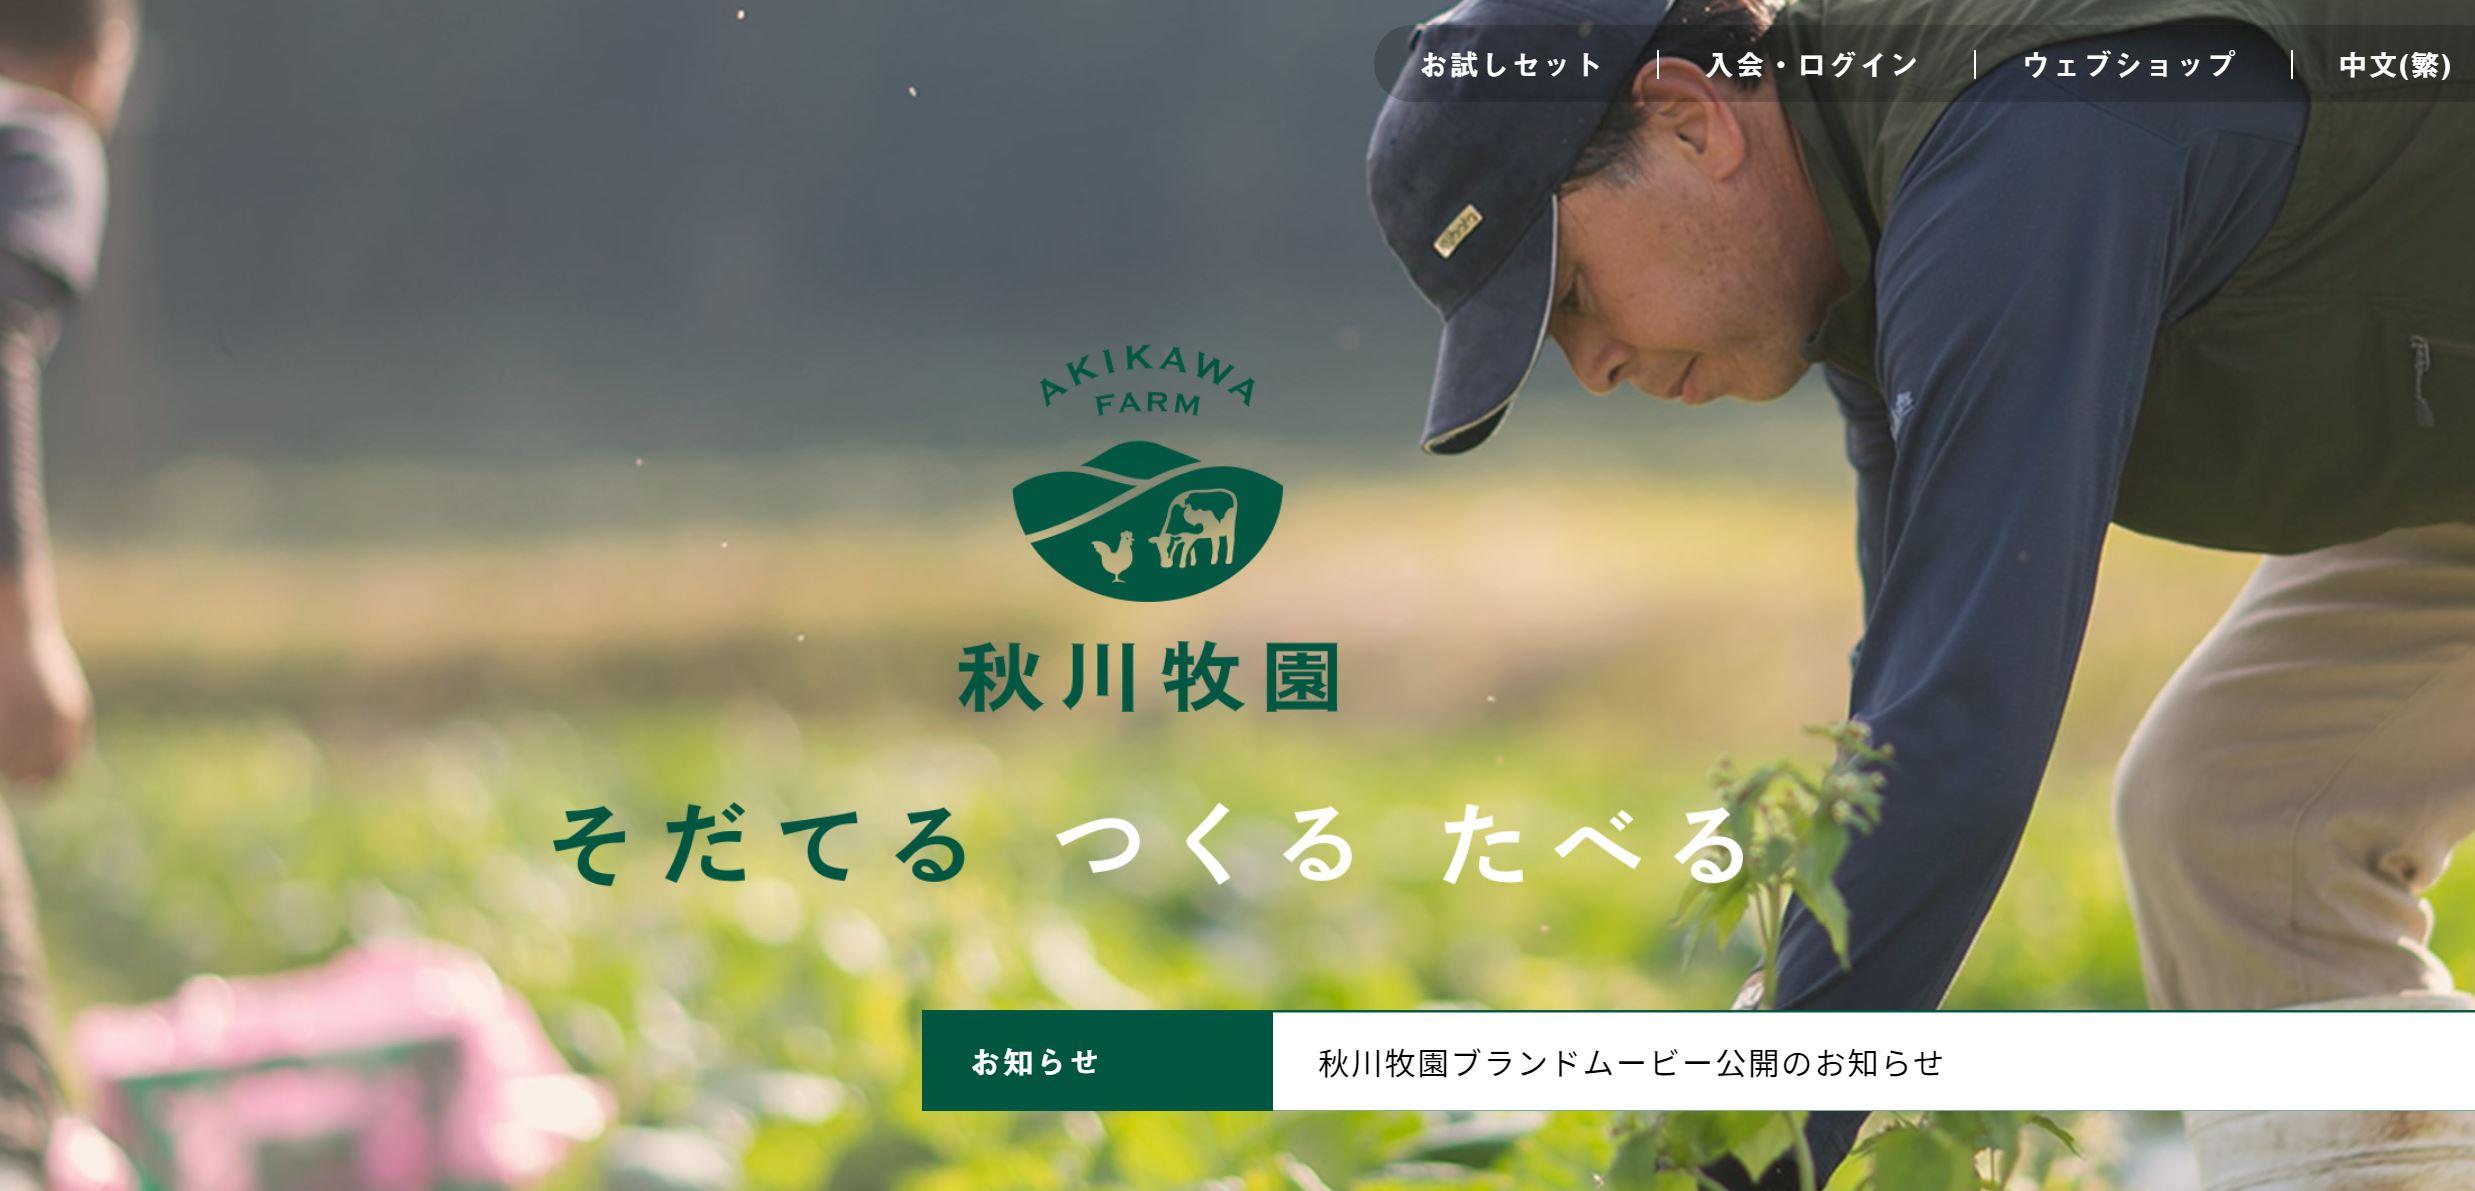 安全性重視の有機野菜宅配サービス「秋川牧園」